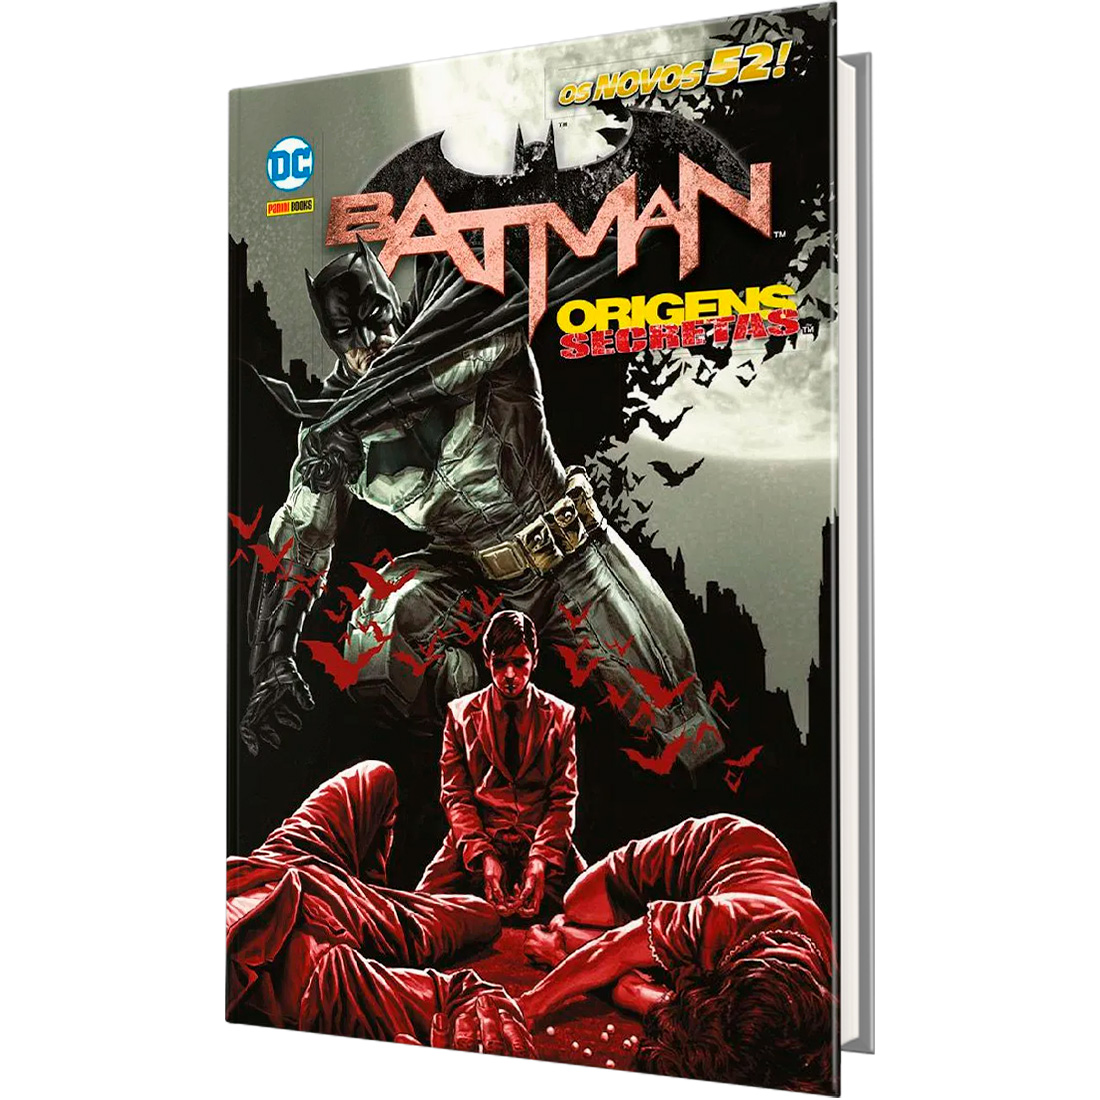 Os Novos 52 - Batman Origens Secretas